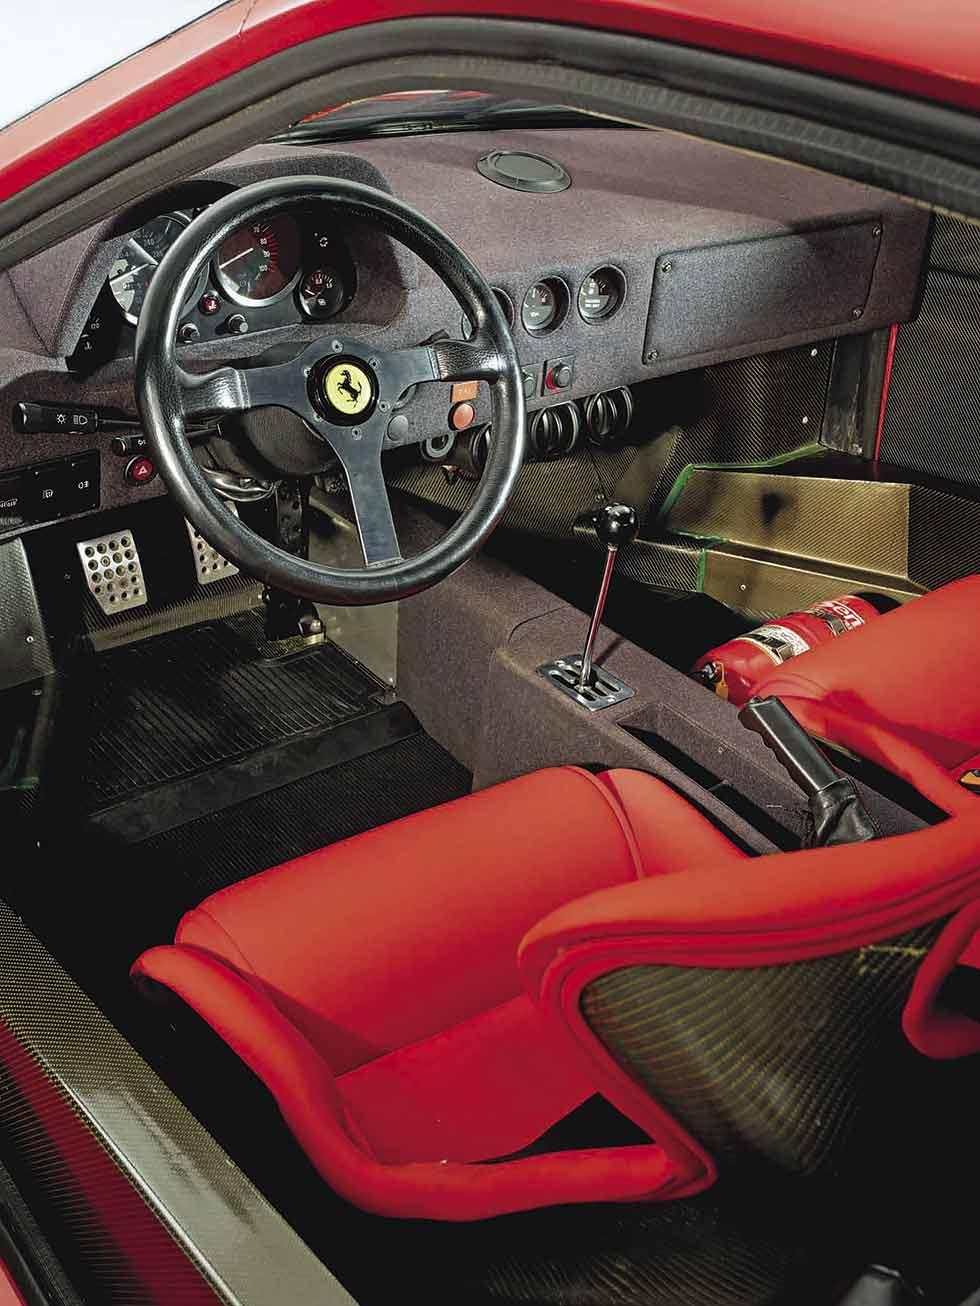 1987 Ferrari F40 interior